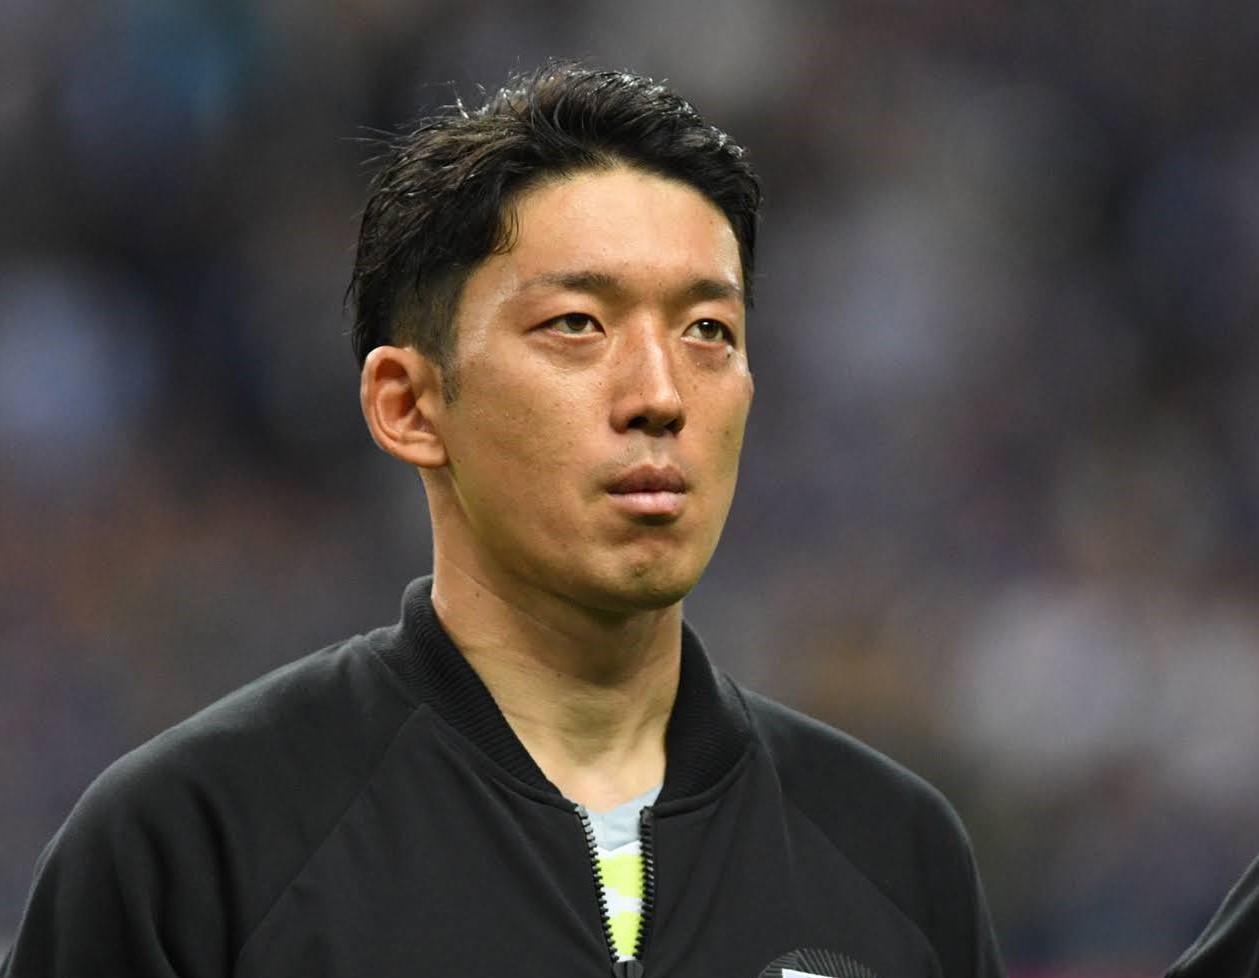 一体どこだ?日本代表GK権田修一にJクラブからオファー。現在 ...